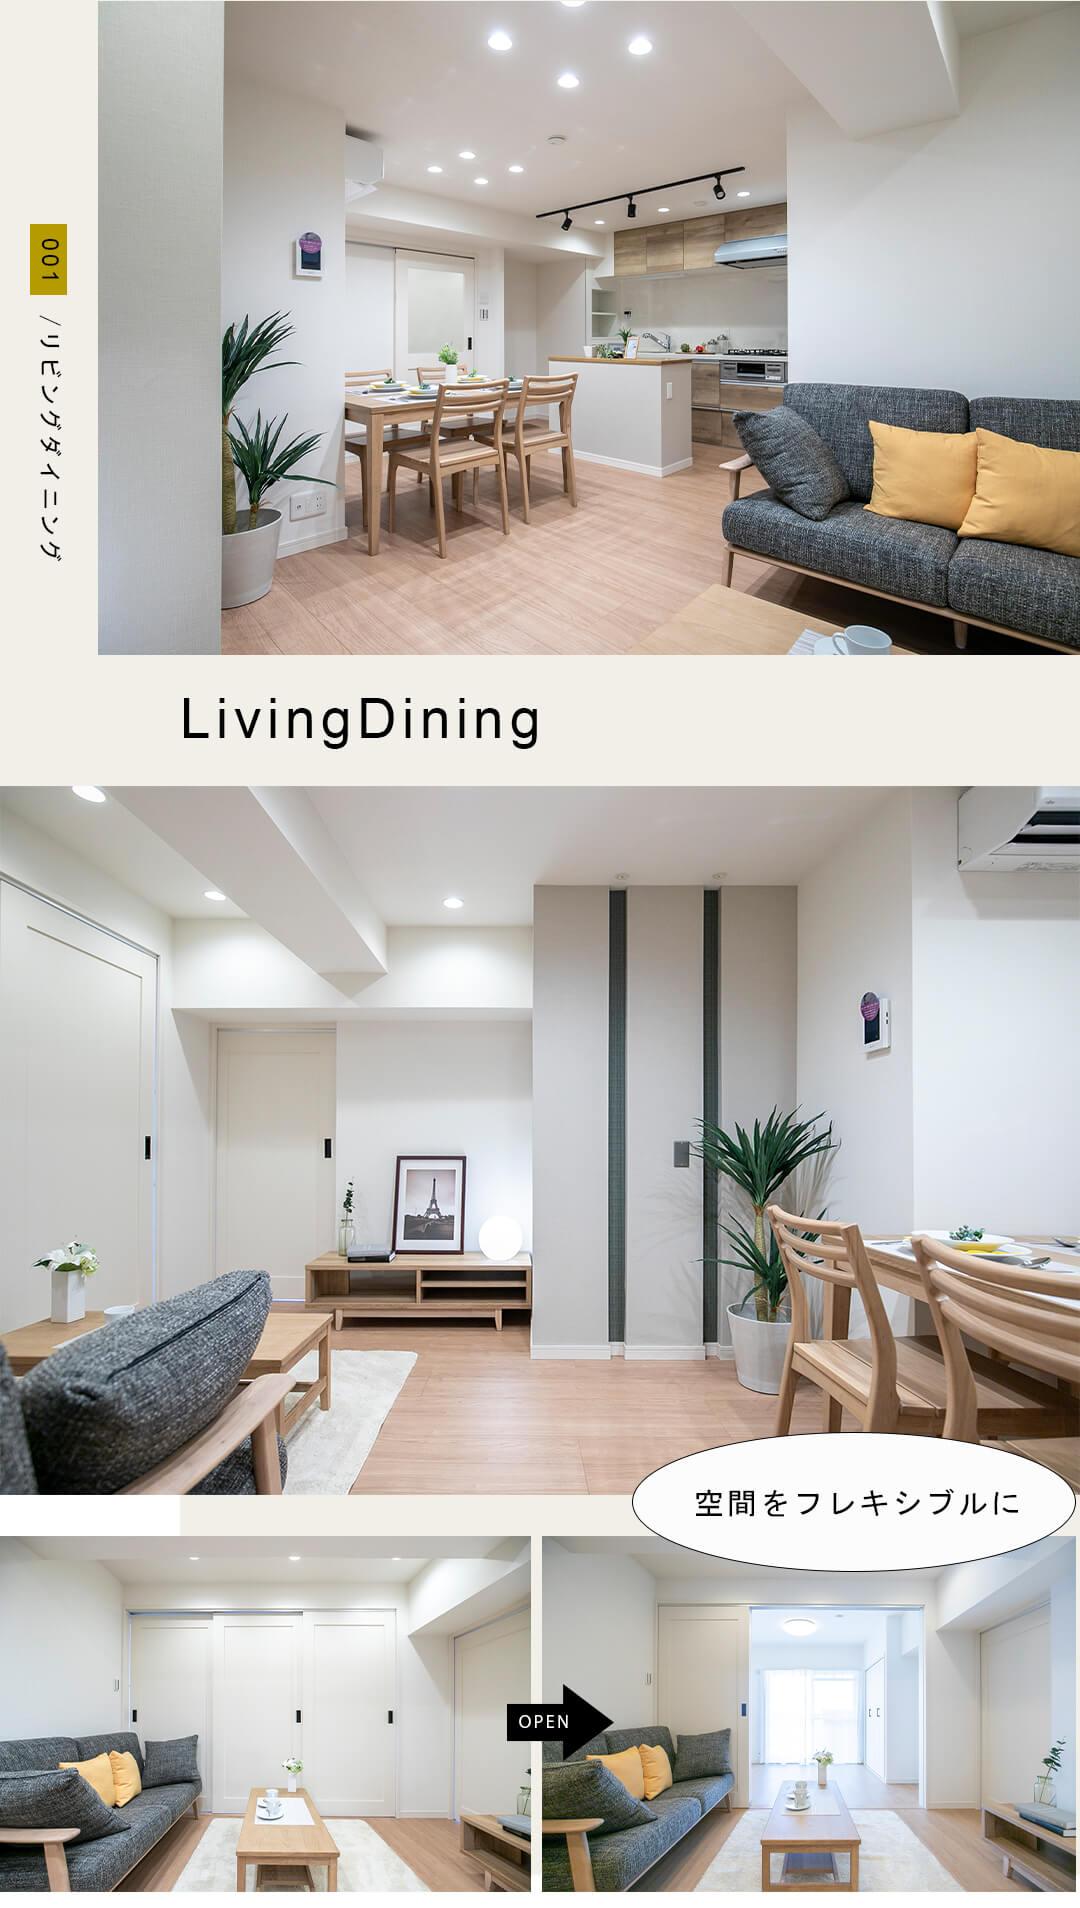 001リビングダイニング,LivingDining